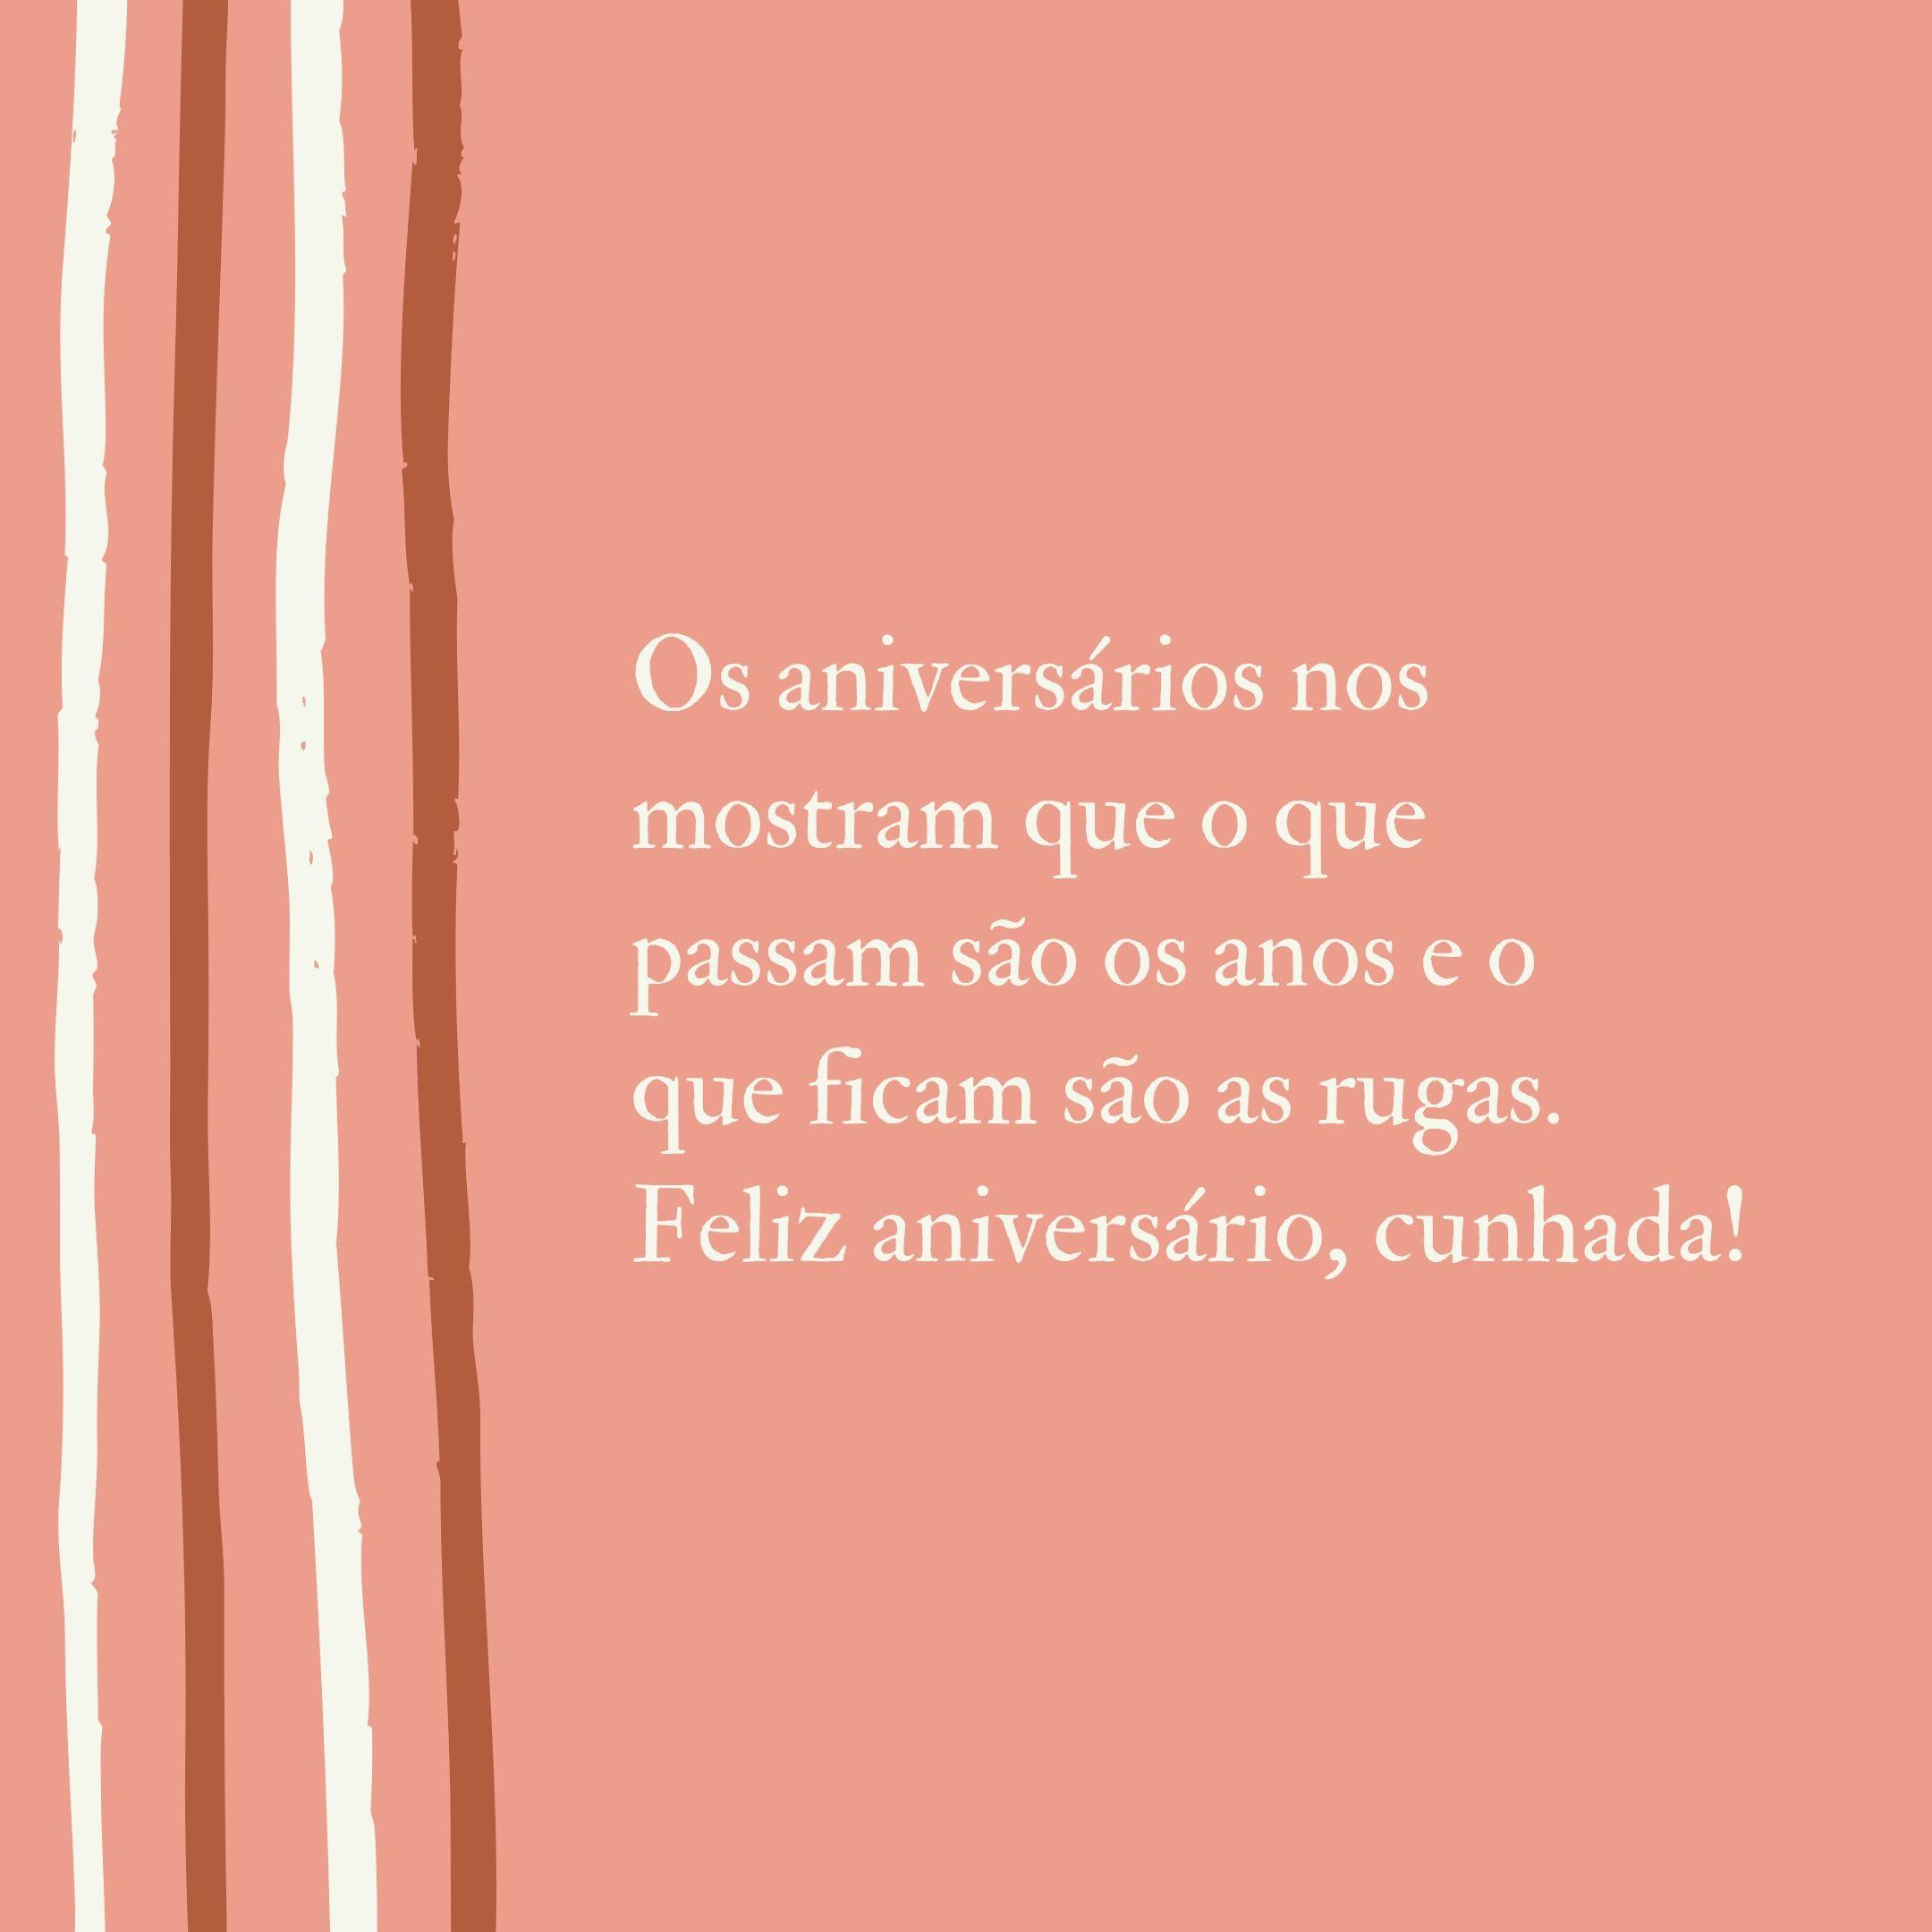 Os aniversários nos mostram que o que passam são os anos e o que ficam são as rugas. Feliz aniversário, cunhada!